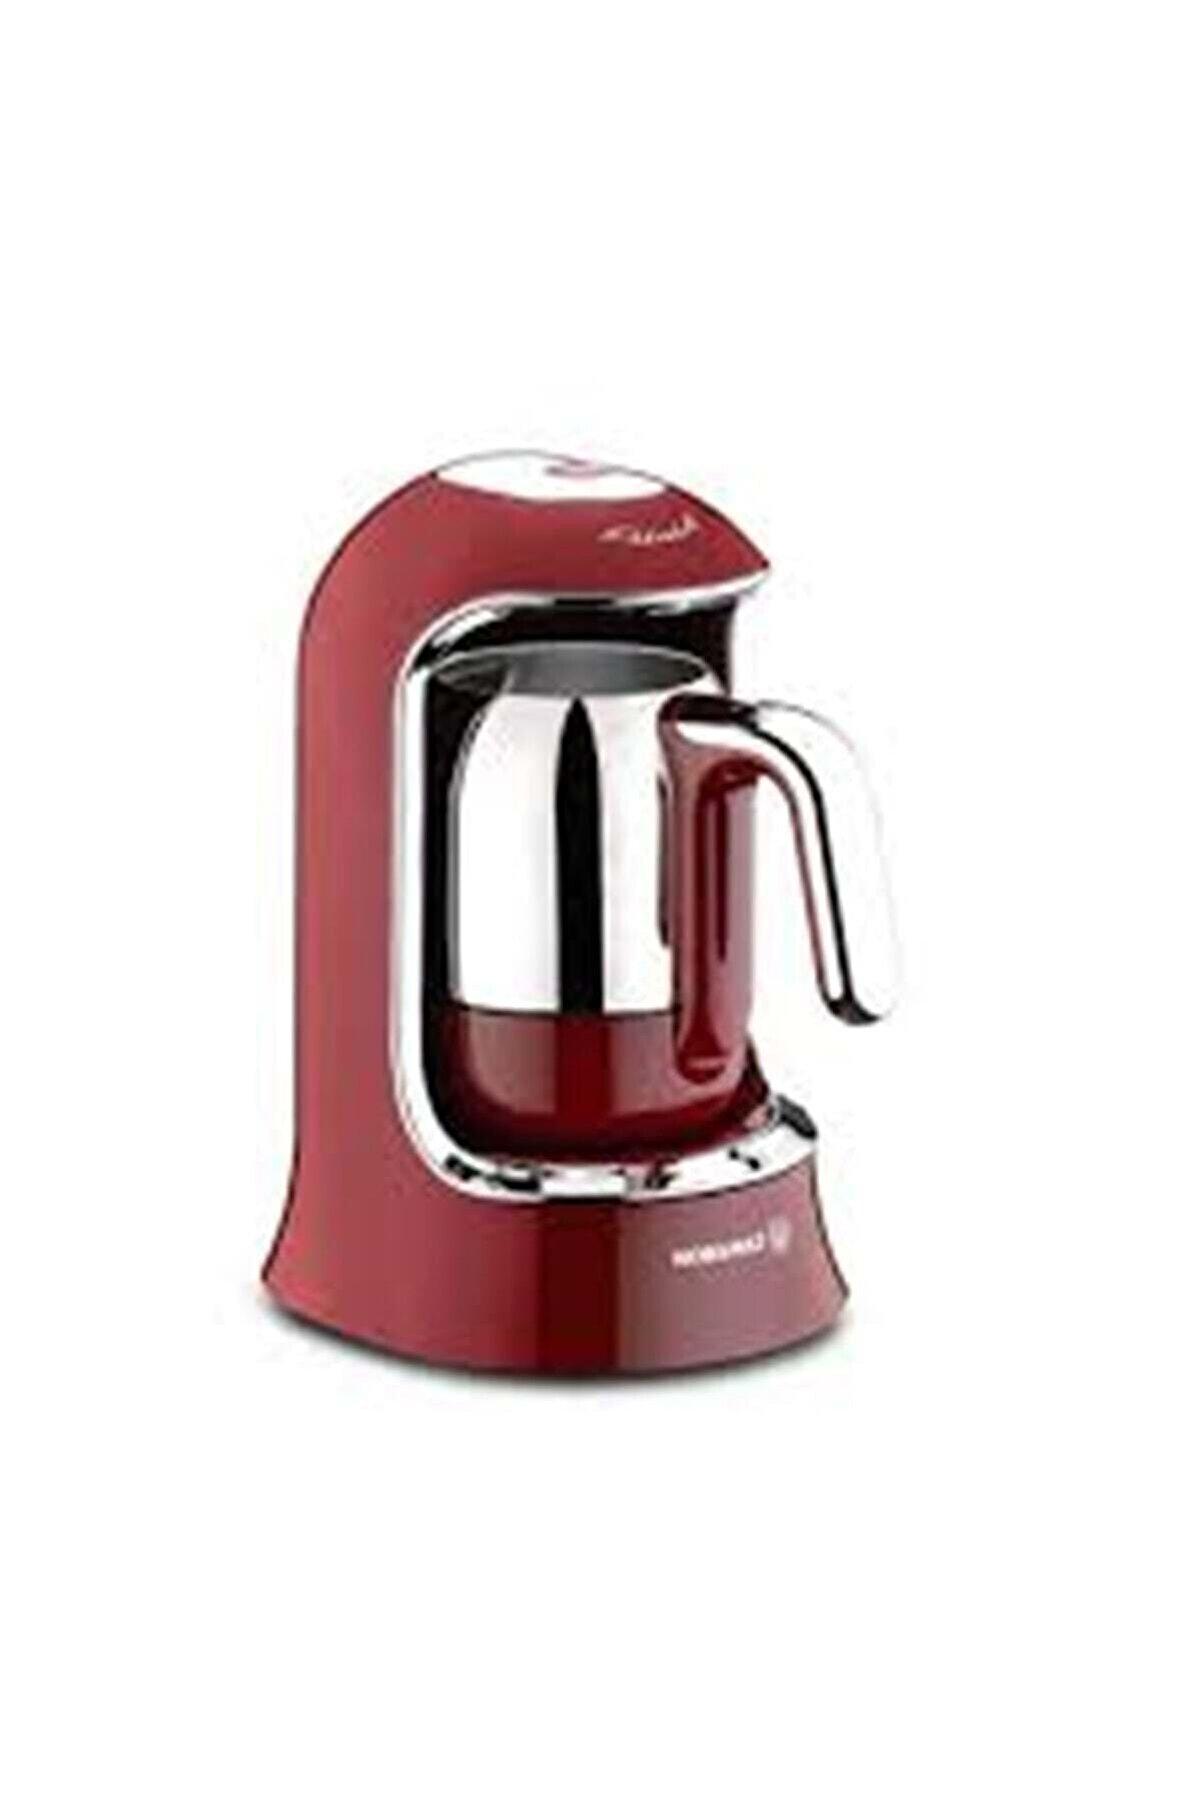 KORKMAZ Kor A860-03 Kahvekolik Kırmızı Türk Kahve Makinesi